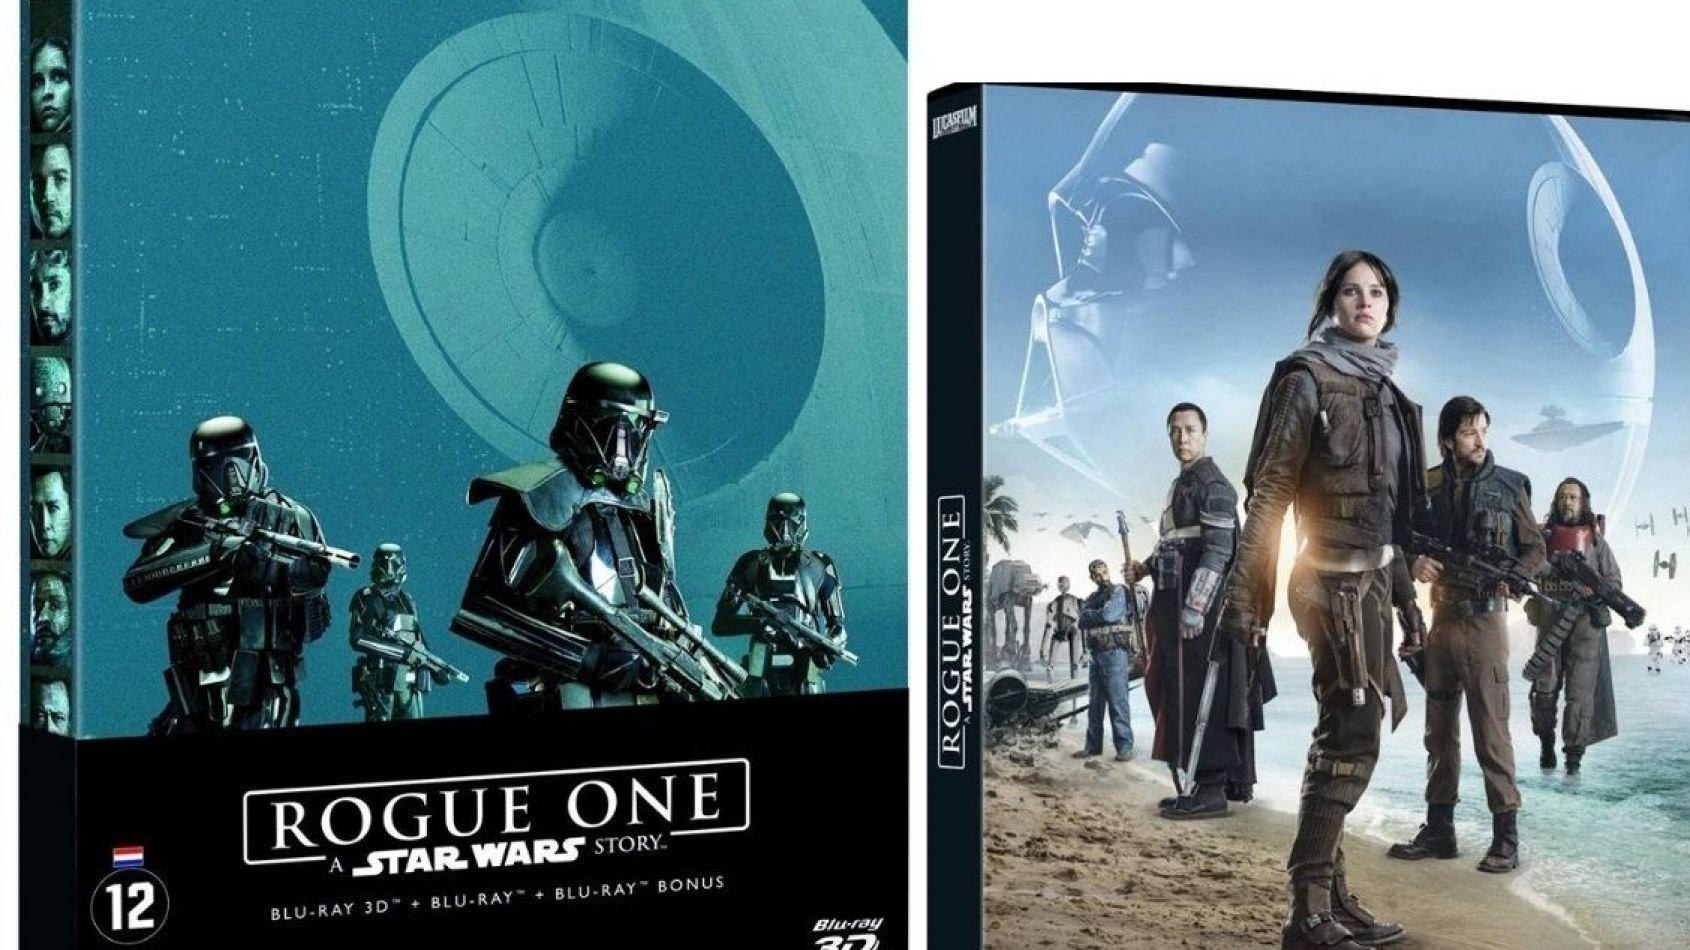 Les Dates et les Bonus des Blu-Ray et DVD de Rogue One en France !